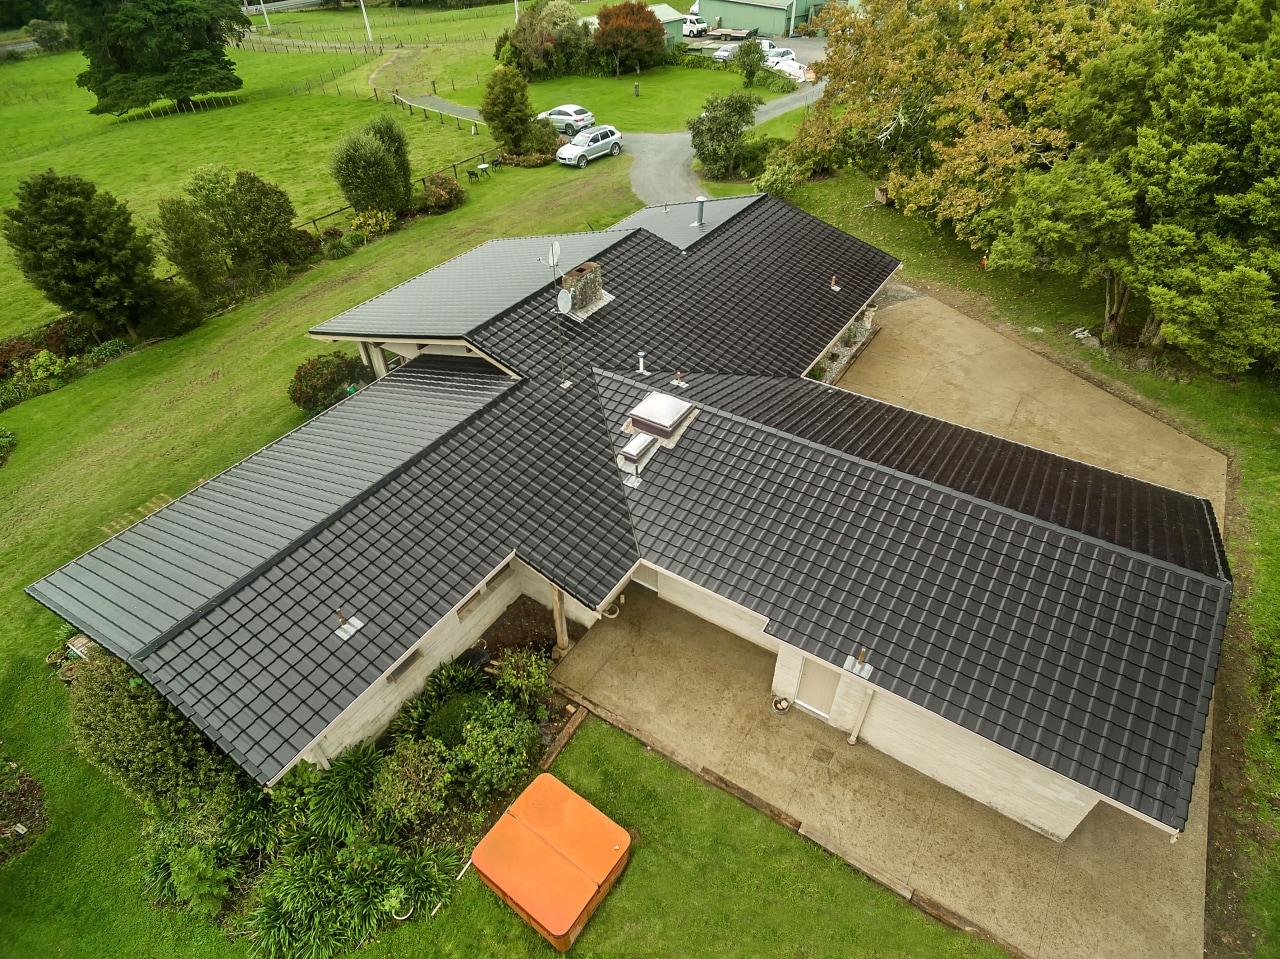 Kahikatea Flat Rd 1405 Monier 4 - energy energy, house, real estate, roof, solar energy, solar panel, solar power, brown